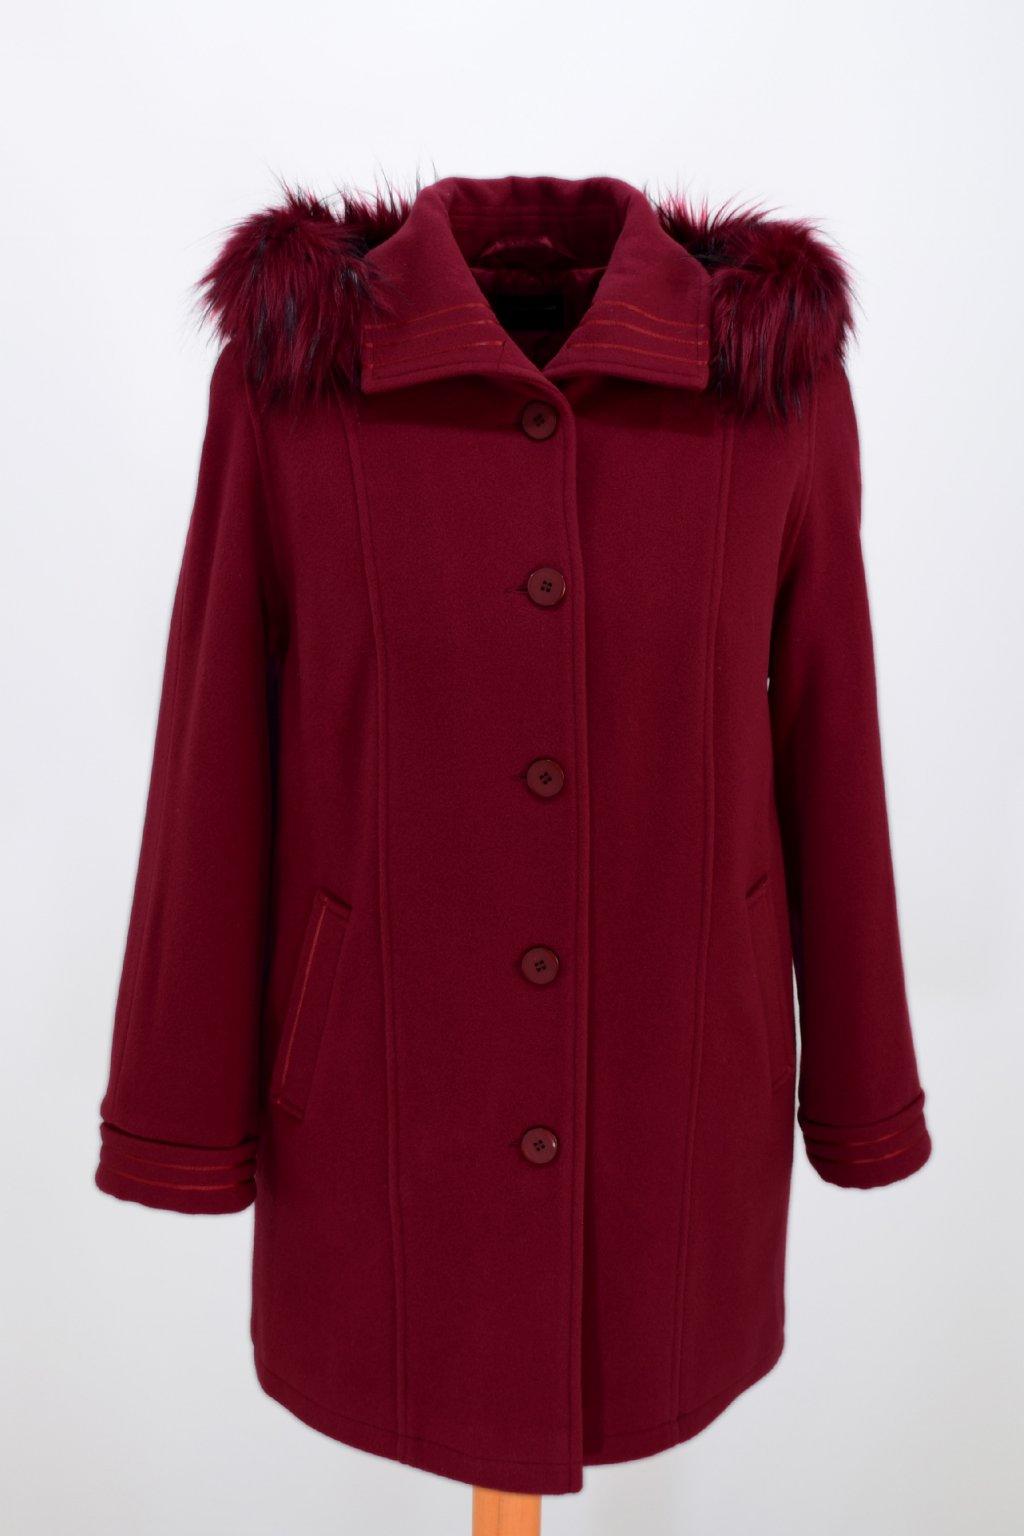 Dámský vínový zimní kabát Renata nadměrné velikosti.